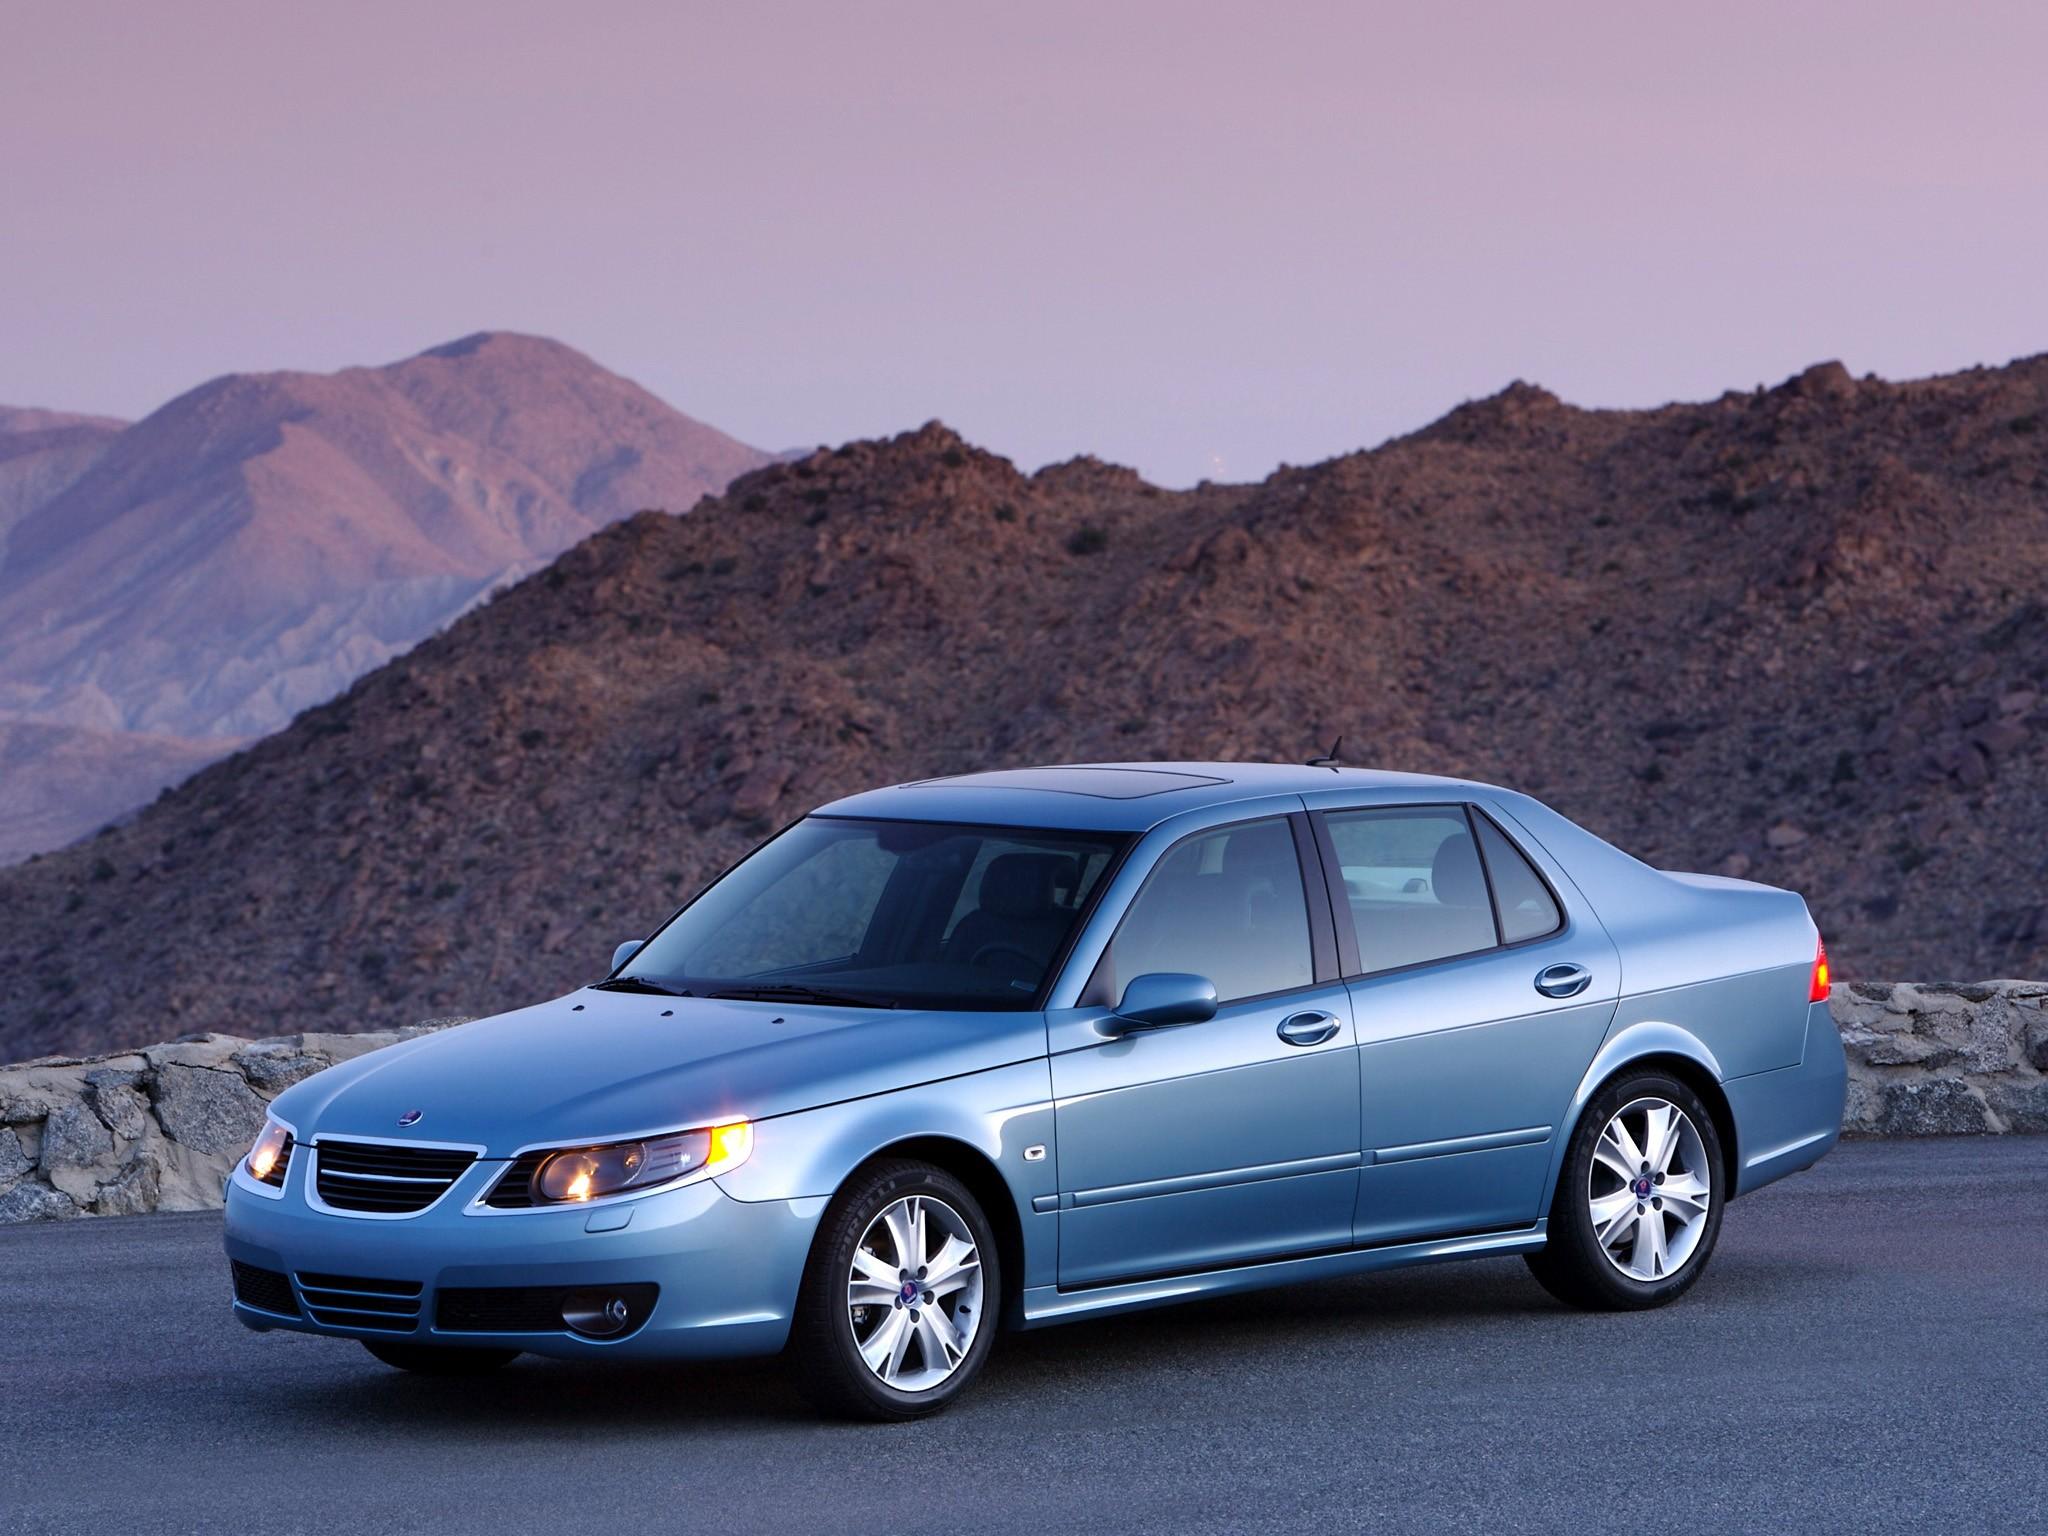 Saab on 2008 Saab 9 5